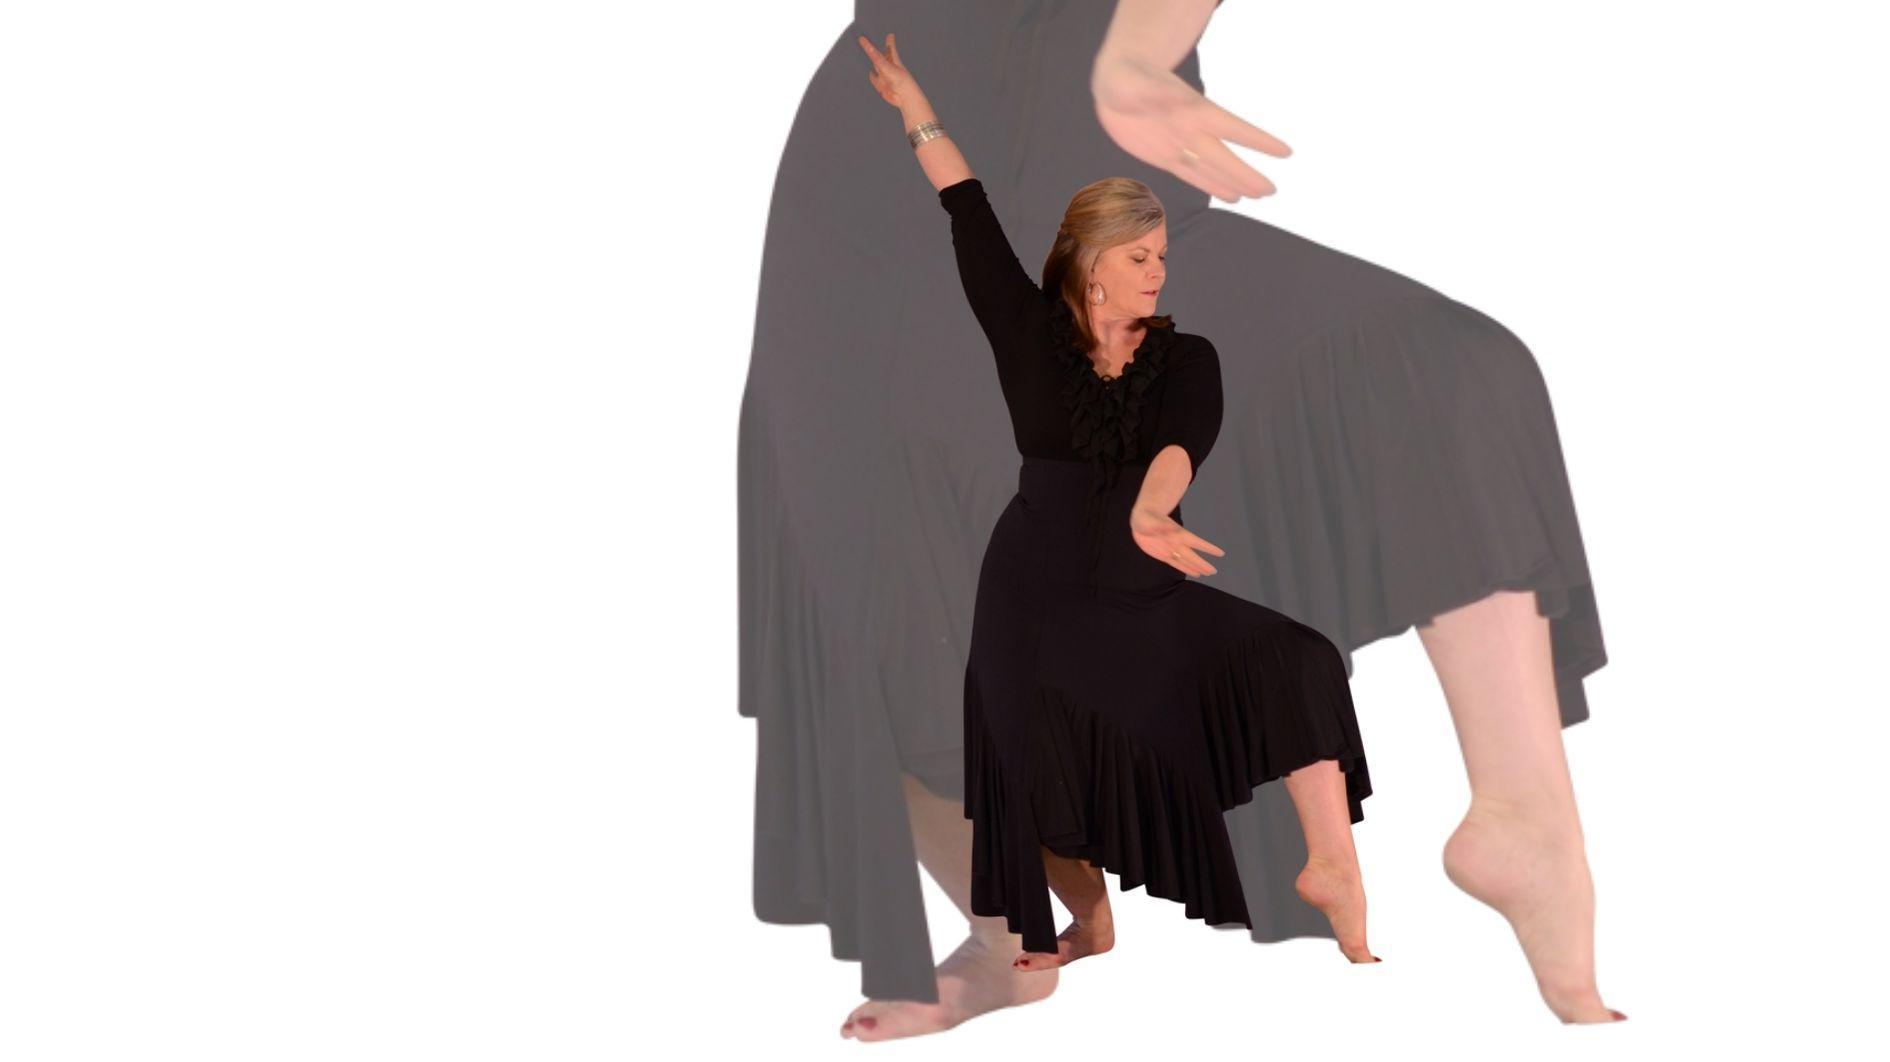 Tanssien elämän iloa